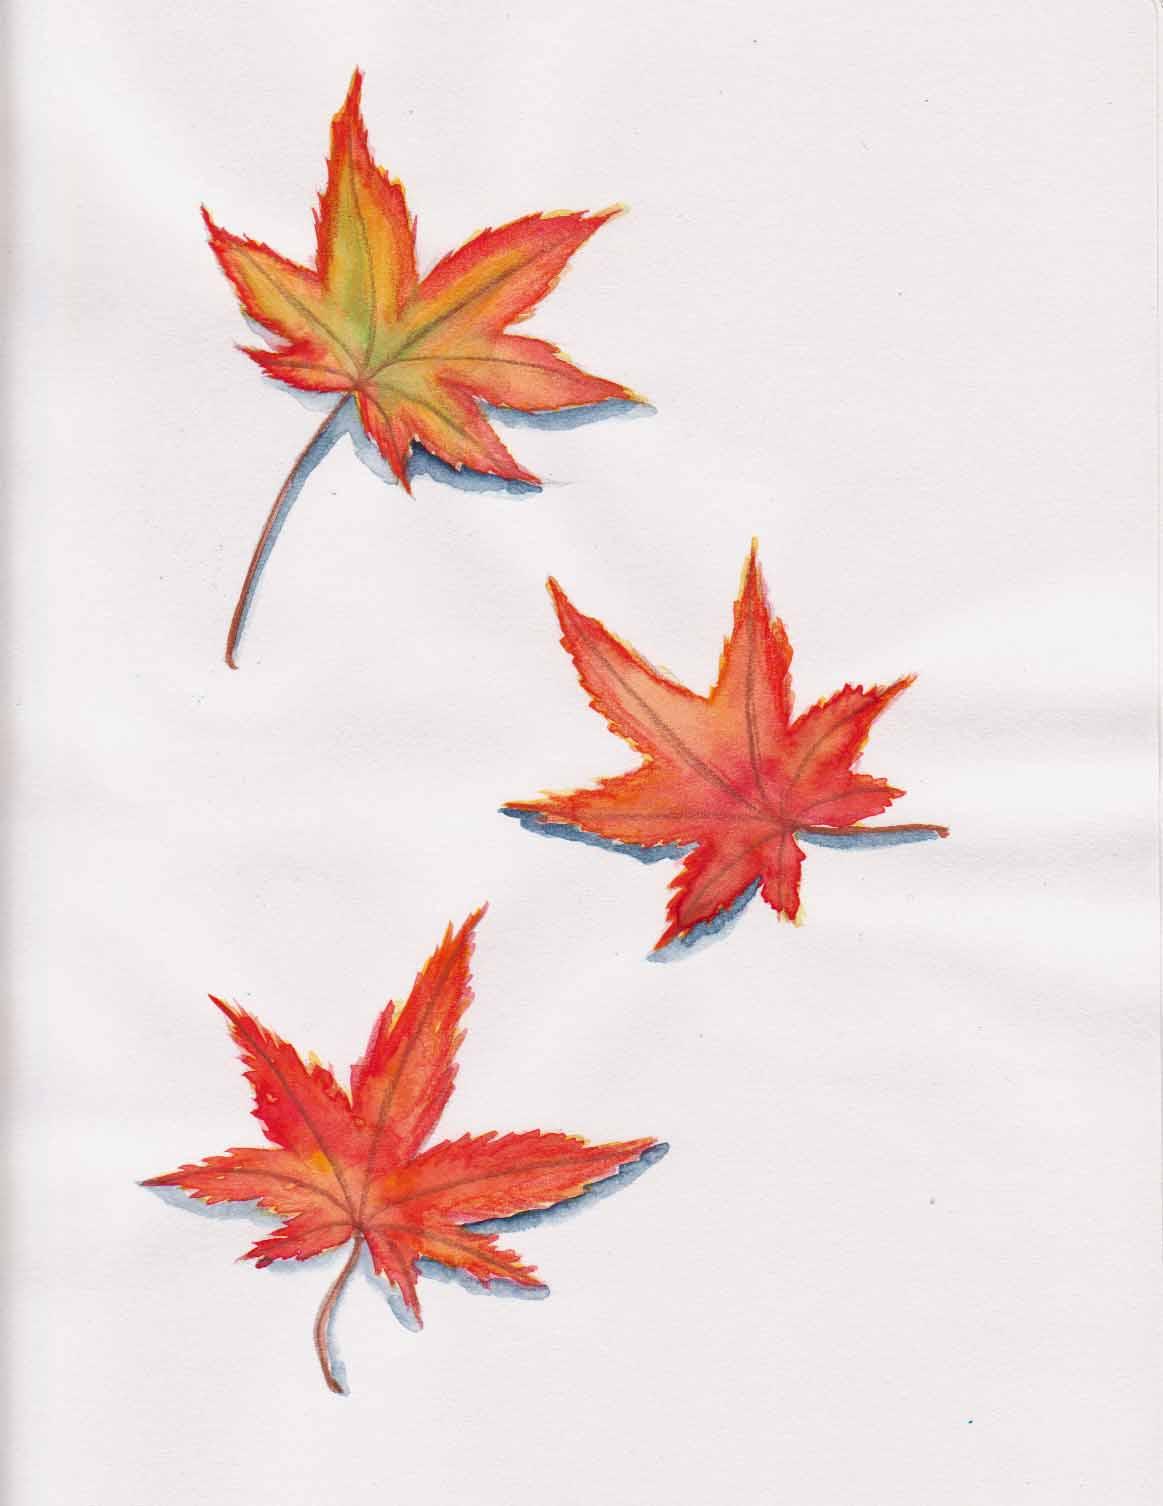 1163x1506 Naomi Orana's Studio Autumn's Japanese Maple